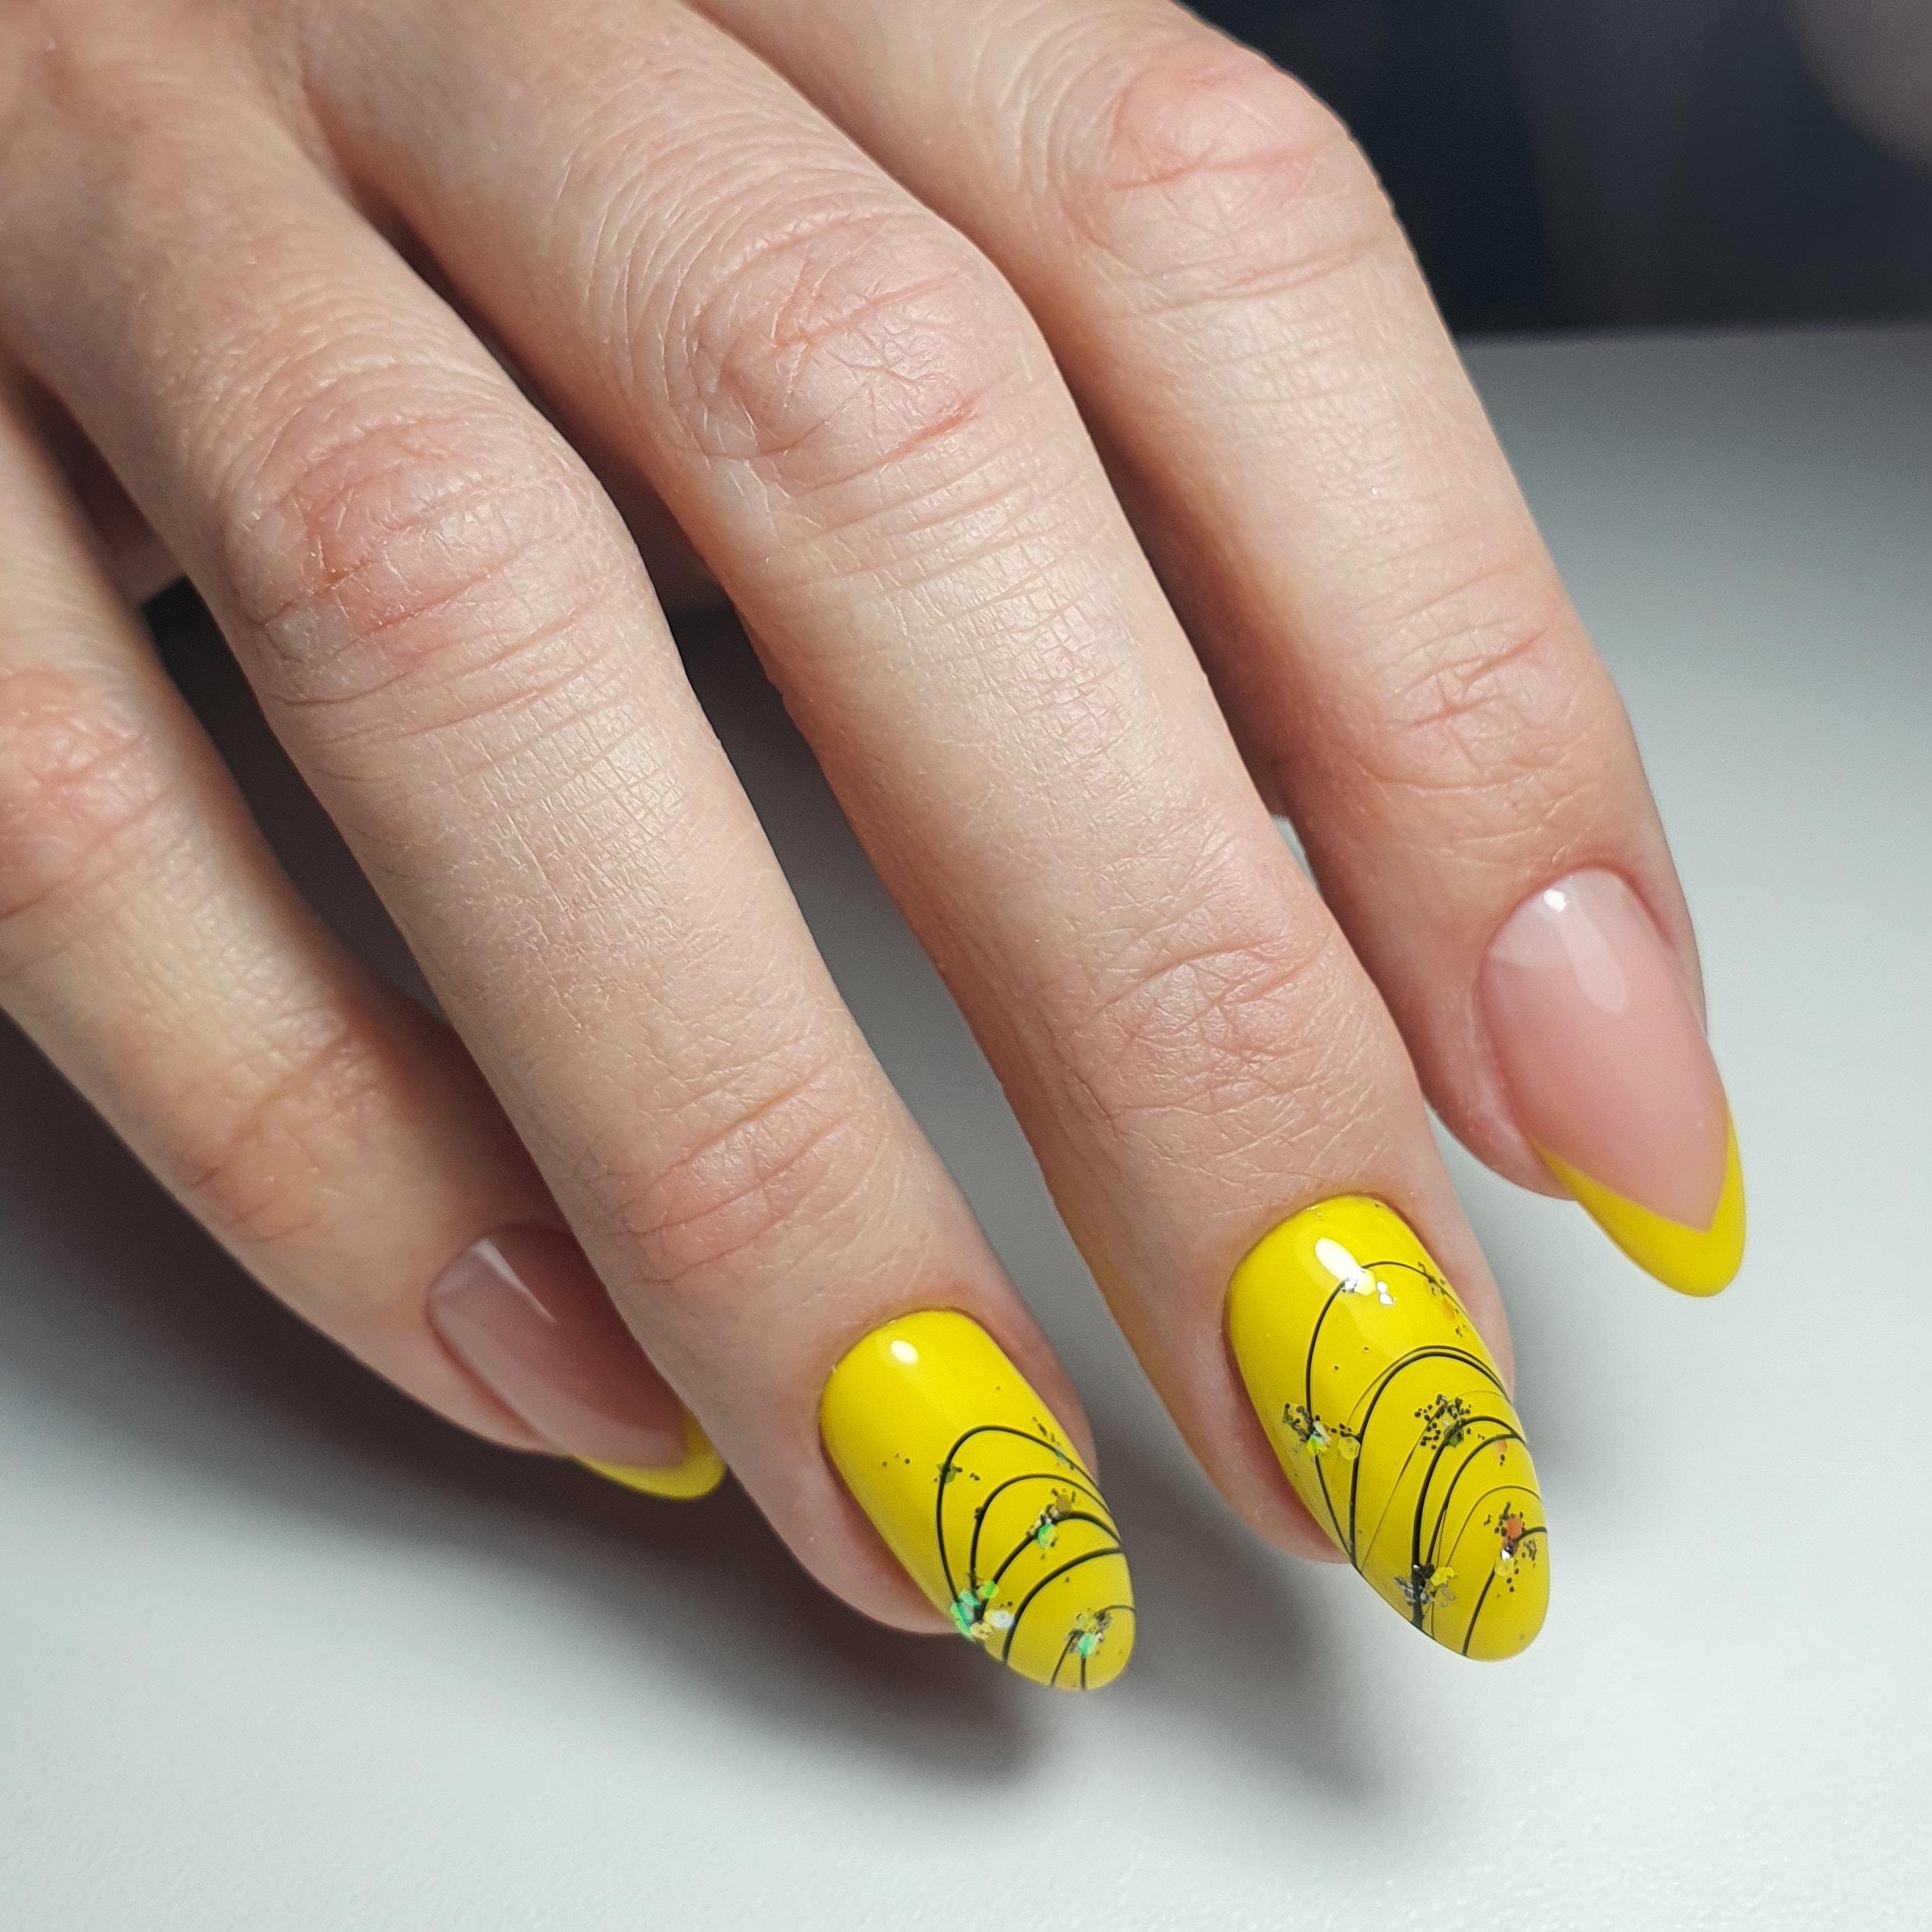 Маникюр с паутинкой и френч-дизайном в желтом цвете на длинные ногти.